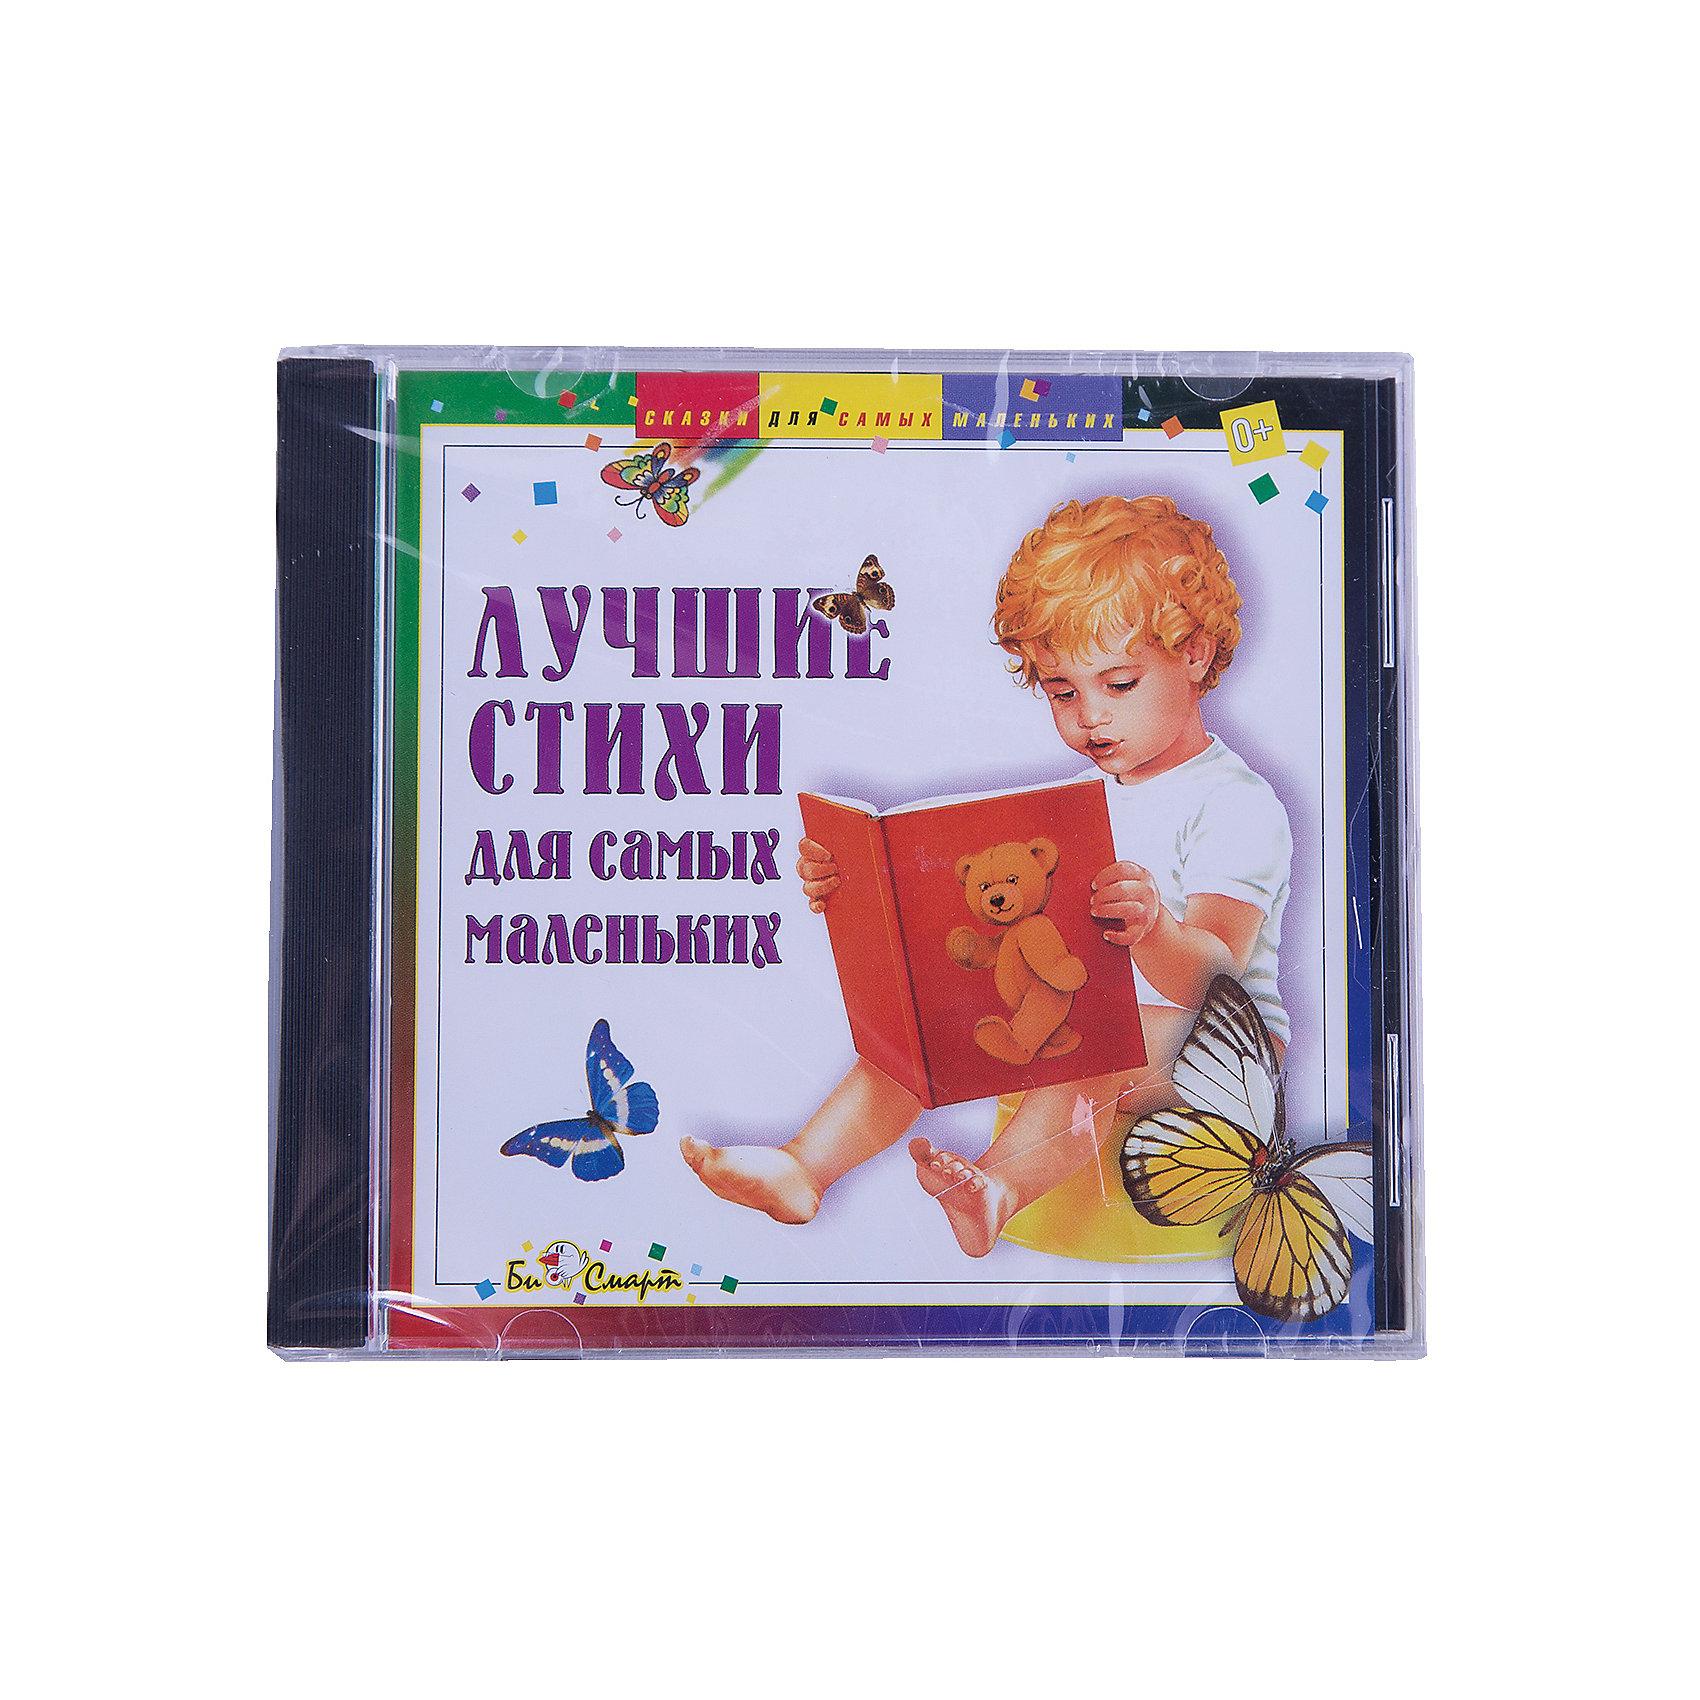 Би Смарт CD. Лучшие стихи для самых маленькихАудиокниги, DVD и CD<br>Диск Лучшие Стихи для самых маленьких -  это лучшие стихи для детей в возрасте от 1 до 3 лет.<br><br>Самые первые, самые трогательные, самые любимые и добрые стихи станут для вашего малыша тропинкой в волшебный мир литературы. На нашем диске всеми любимые стихи приобрели удивительную, чисто детскую непосредственность, и малыши, слушая его, получат истинное удовольствие!<br>Так доставьте же удовольствие своему ребенку!<br><br>Дополнительная информация:<br><br>На диске представлены лучшие стихи отечественных поэтов: Э. Успенского, Саши Чёрного, Тютчева, Некрасова, Жуковского и других. А также песенки и потешки.<br>В сборник вошли следующие произведения:<br><br>1. Завтрак Степы;<br>2. Аквариум;<br>3. Сверчок-скрипач;<br>4. Всадник;<br>5. Под зонтом;<br>6. Колыбельная;<br>7. Поделила;<br>8. Полин счет;<br>9. Цирк;<br>10. Кукла Синеглазка;<br>11. Слон и мышонок;<br>12. Трус;<br>13. Кукольный дворец;<br>14. Домик для куклы;<br>15. Подарок;<br>16. Важный карась;<br>17. Игра в пятнашки;<br>18. Щенки;<br>19. Добрая Дуня;<br>20. Бедный зайка;<br>21. Беседа;<br>22. Птенцы;<br>23. Коза;<br>24. Светлячок в плену;<br>25. Наша грядка;<br>26. Про золотого карасика;<br>27. Где мой пальчик?<br>28. Моя мама;<br>29. Ягодка по ягодке;<br>30. Р. Кудашева. В лесу родилась ёлочка;<br>31. Плещеев. Внучка;<br>32. Успенский Э. Песенка Чебурашки;<br>33. Маяковский В. Что такое хорошо и что такое плохо?;<br>Стихи Саши Черного:<br>34. Воробей;<br>35. Уговор;<br>36. Кто храбрее?<br>37. Колыбельная;<br>38. Зеленые стихи;<br>39. Времена года;<br>40. Жуковский В. Котик и козлик;<br>41. Тютчев Ф. Весенняя гроза;<br>42. Тютчев Ф. Полевые цветы;<br>43. Некрасов Н. Осень;<br>44. Некрасов. Н. Мороз-Воевода;<br>45. Пушкин А.С. Мороз и солнце.<br><br>Читают: М. Смольянинова, С. Силантьева<br>Общее время звучания: 41:21<br>Габариты, см: Длина=14.2, Ширина=12.5, Высота=1<br>Вес, г: 76<br><br>Би Смарт CD. Лучшие стихи для самых маленьких мож